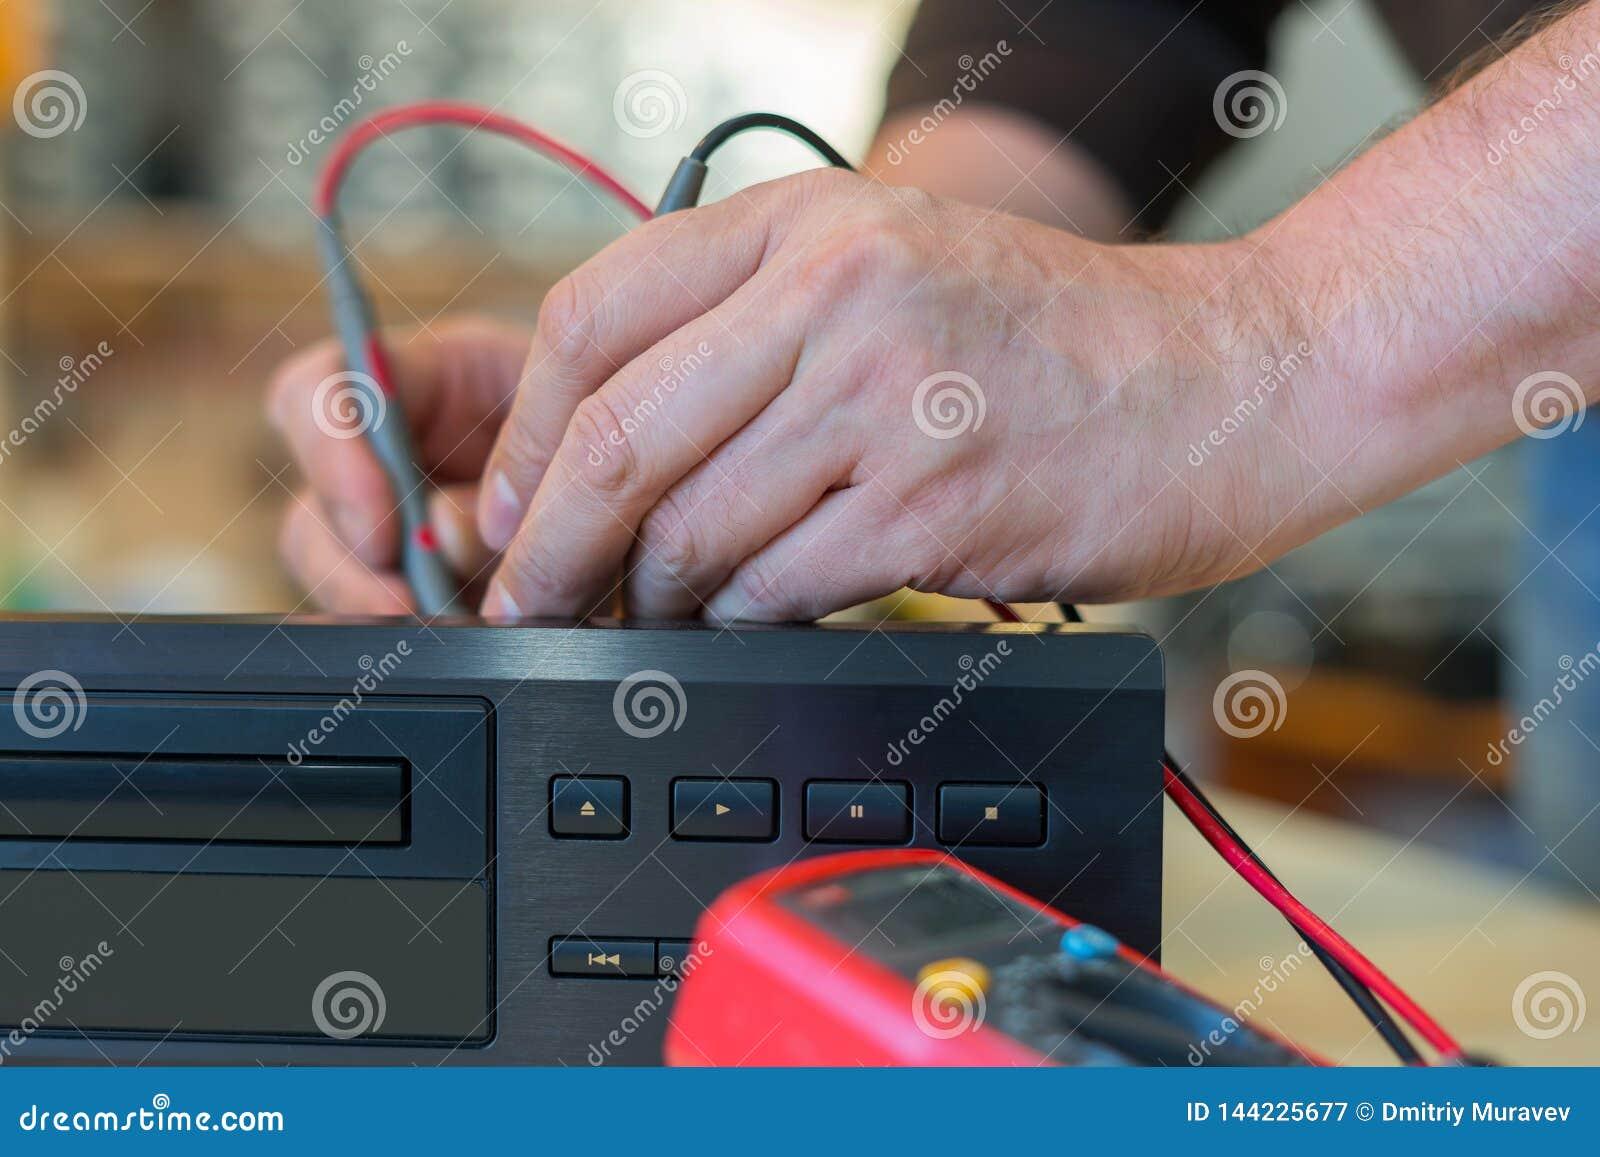 Repair of television video equipment. Home theater diagnostics